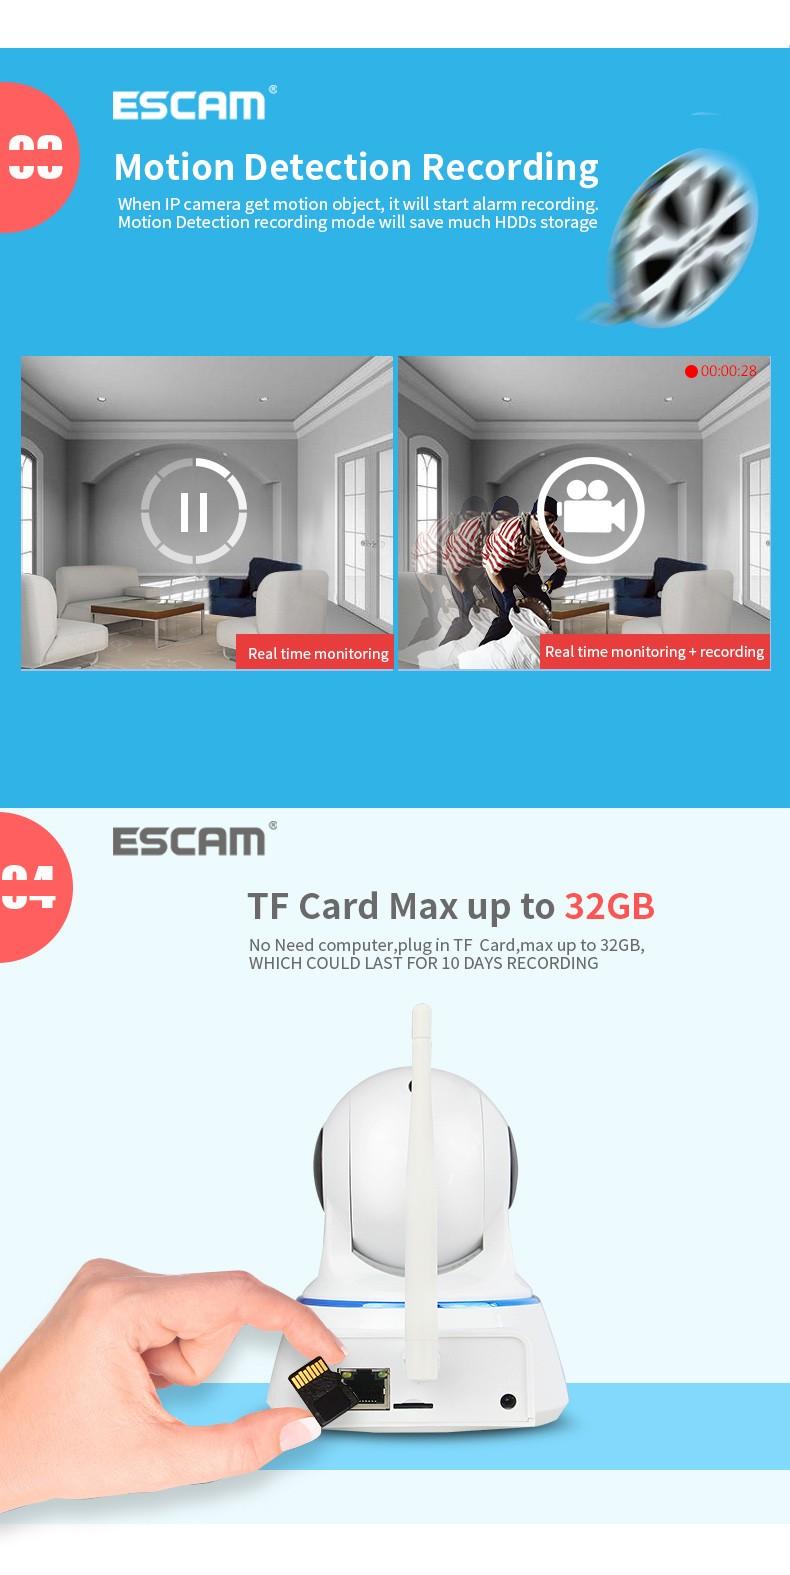 Купить 3 шт. ESCAM Крытый Сети WI-FI Ip-камера Ик P2P Ик-cut смартфон Onvif H.264 Pan/Tilt PT Беспроводная Камера МАКС 32 Г TF карты